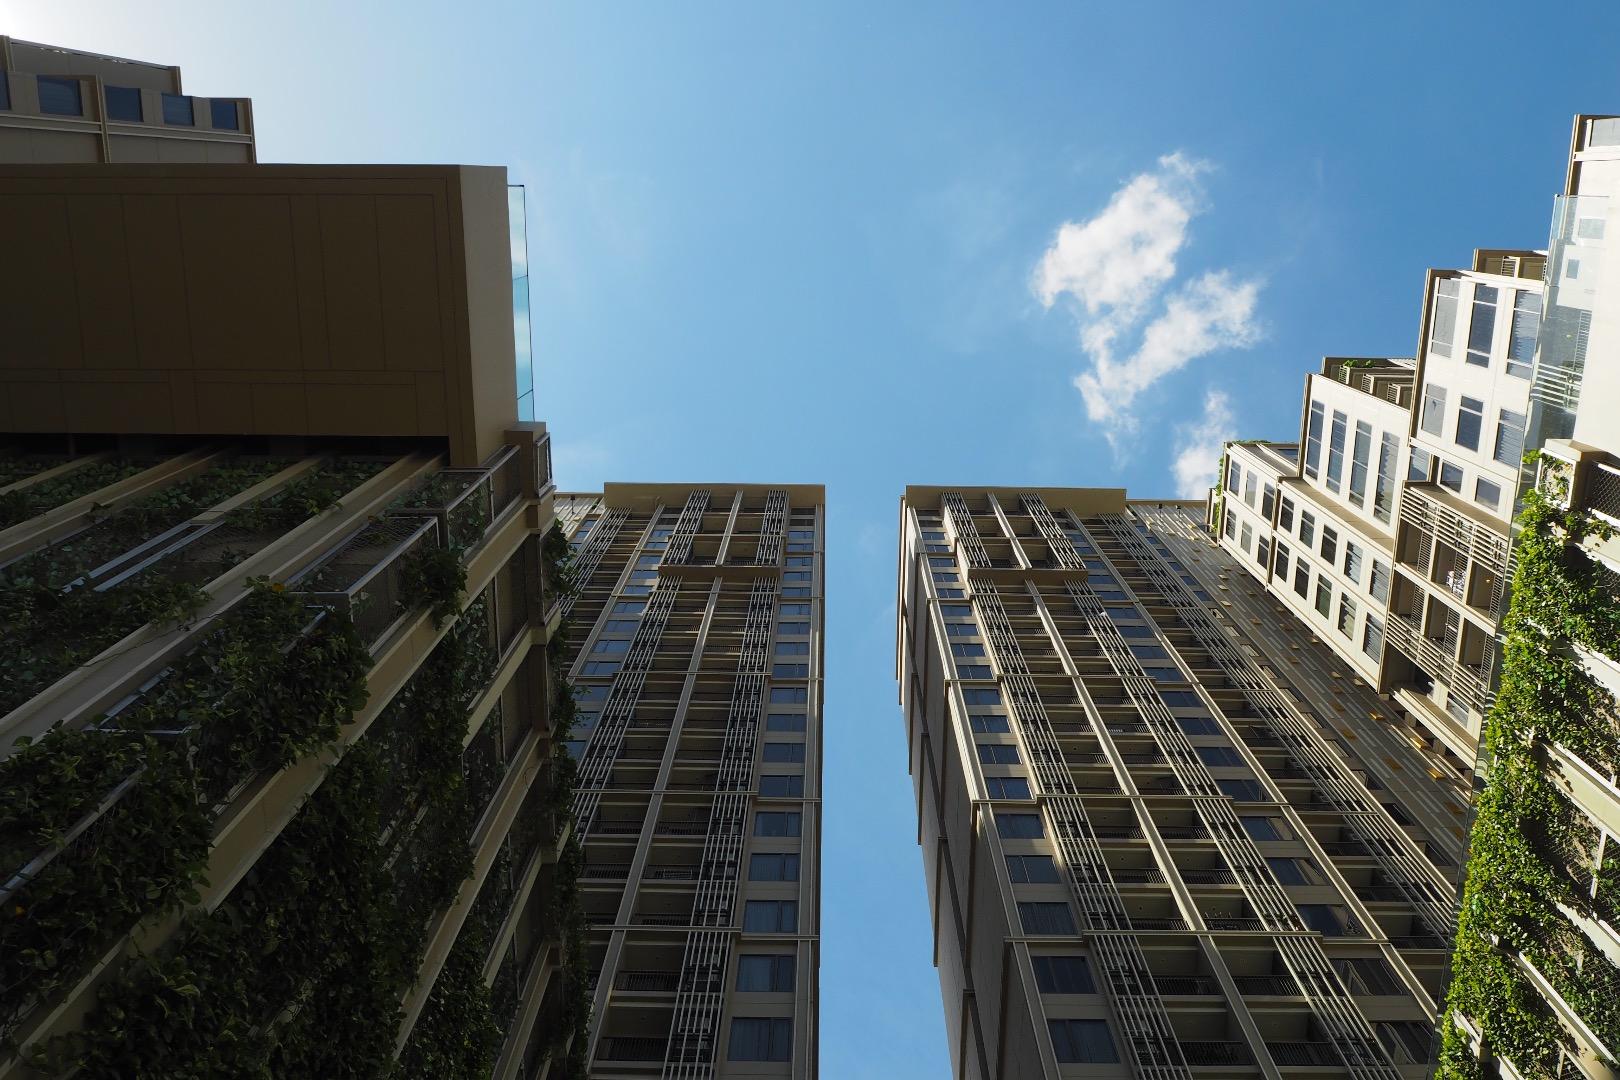 นายน์ บาย แสนสิริ อาคาร 2 [Nye by Sansiri building 2]